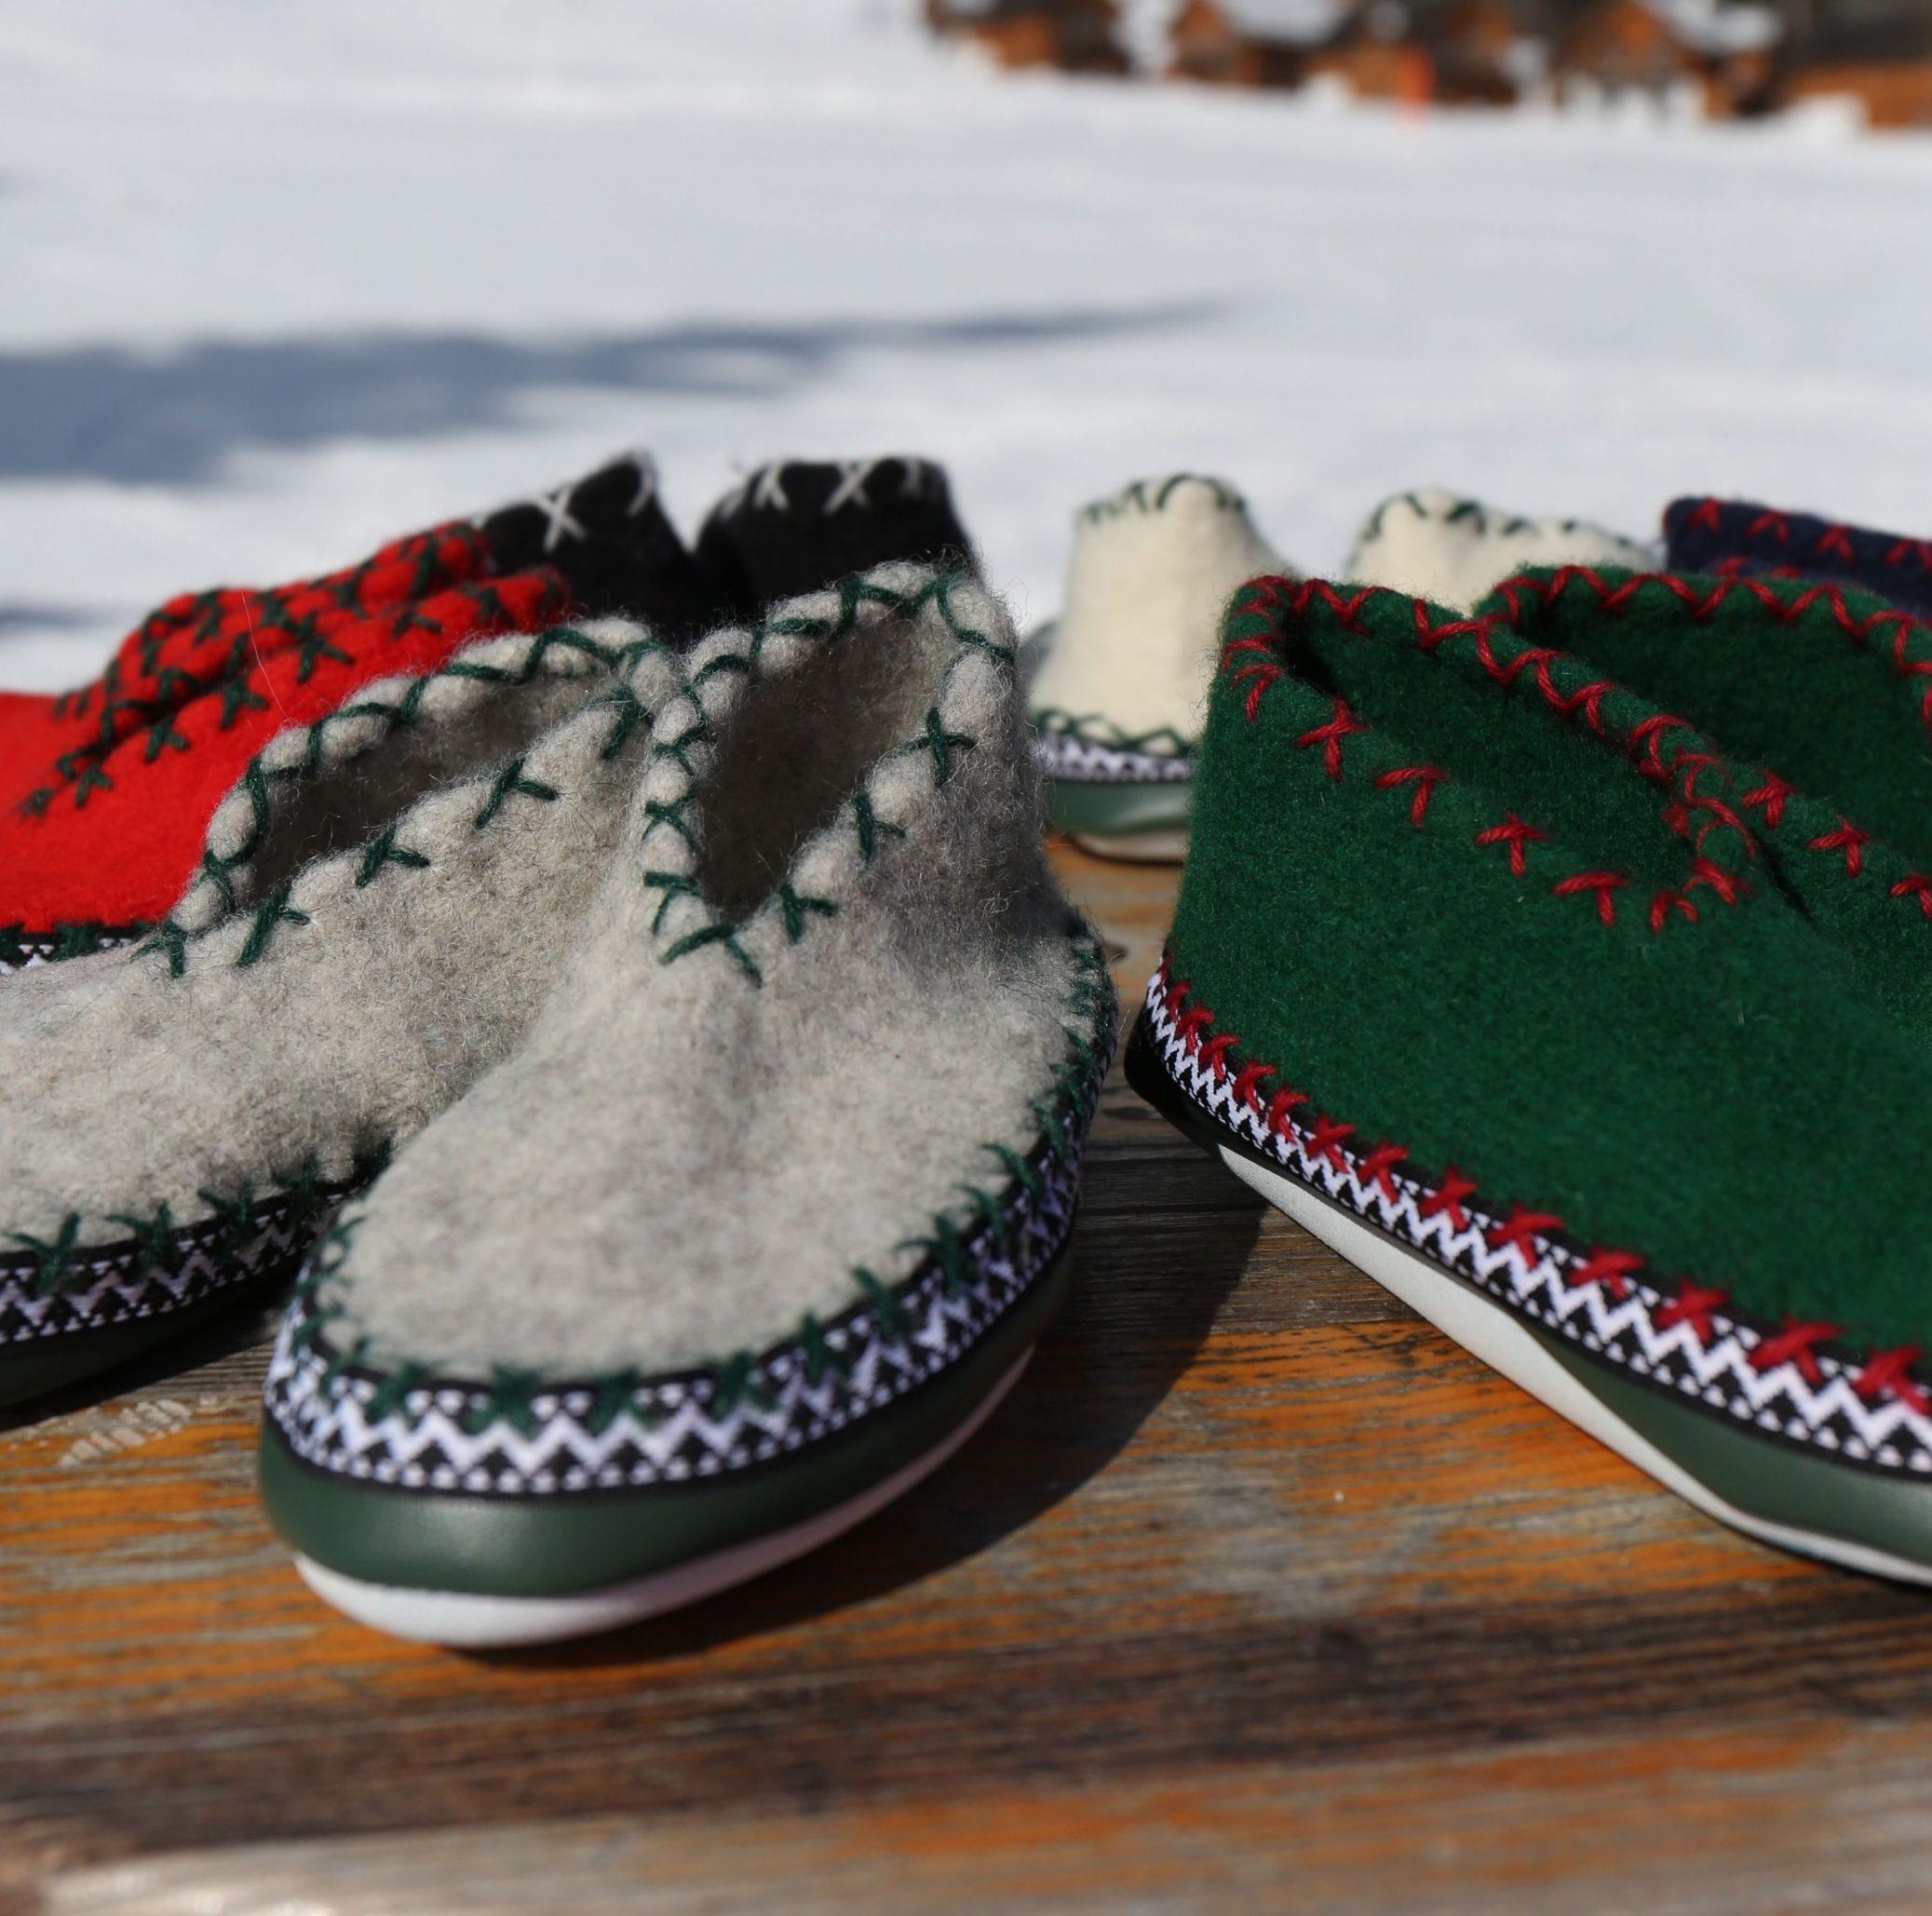 vervilte wollen Tuflaa sloffen in de sneeuw op bartafel